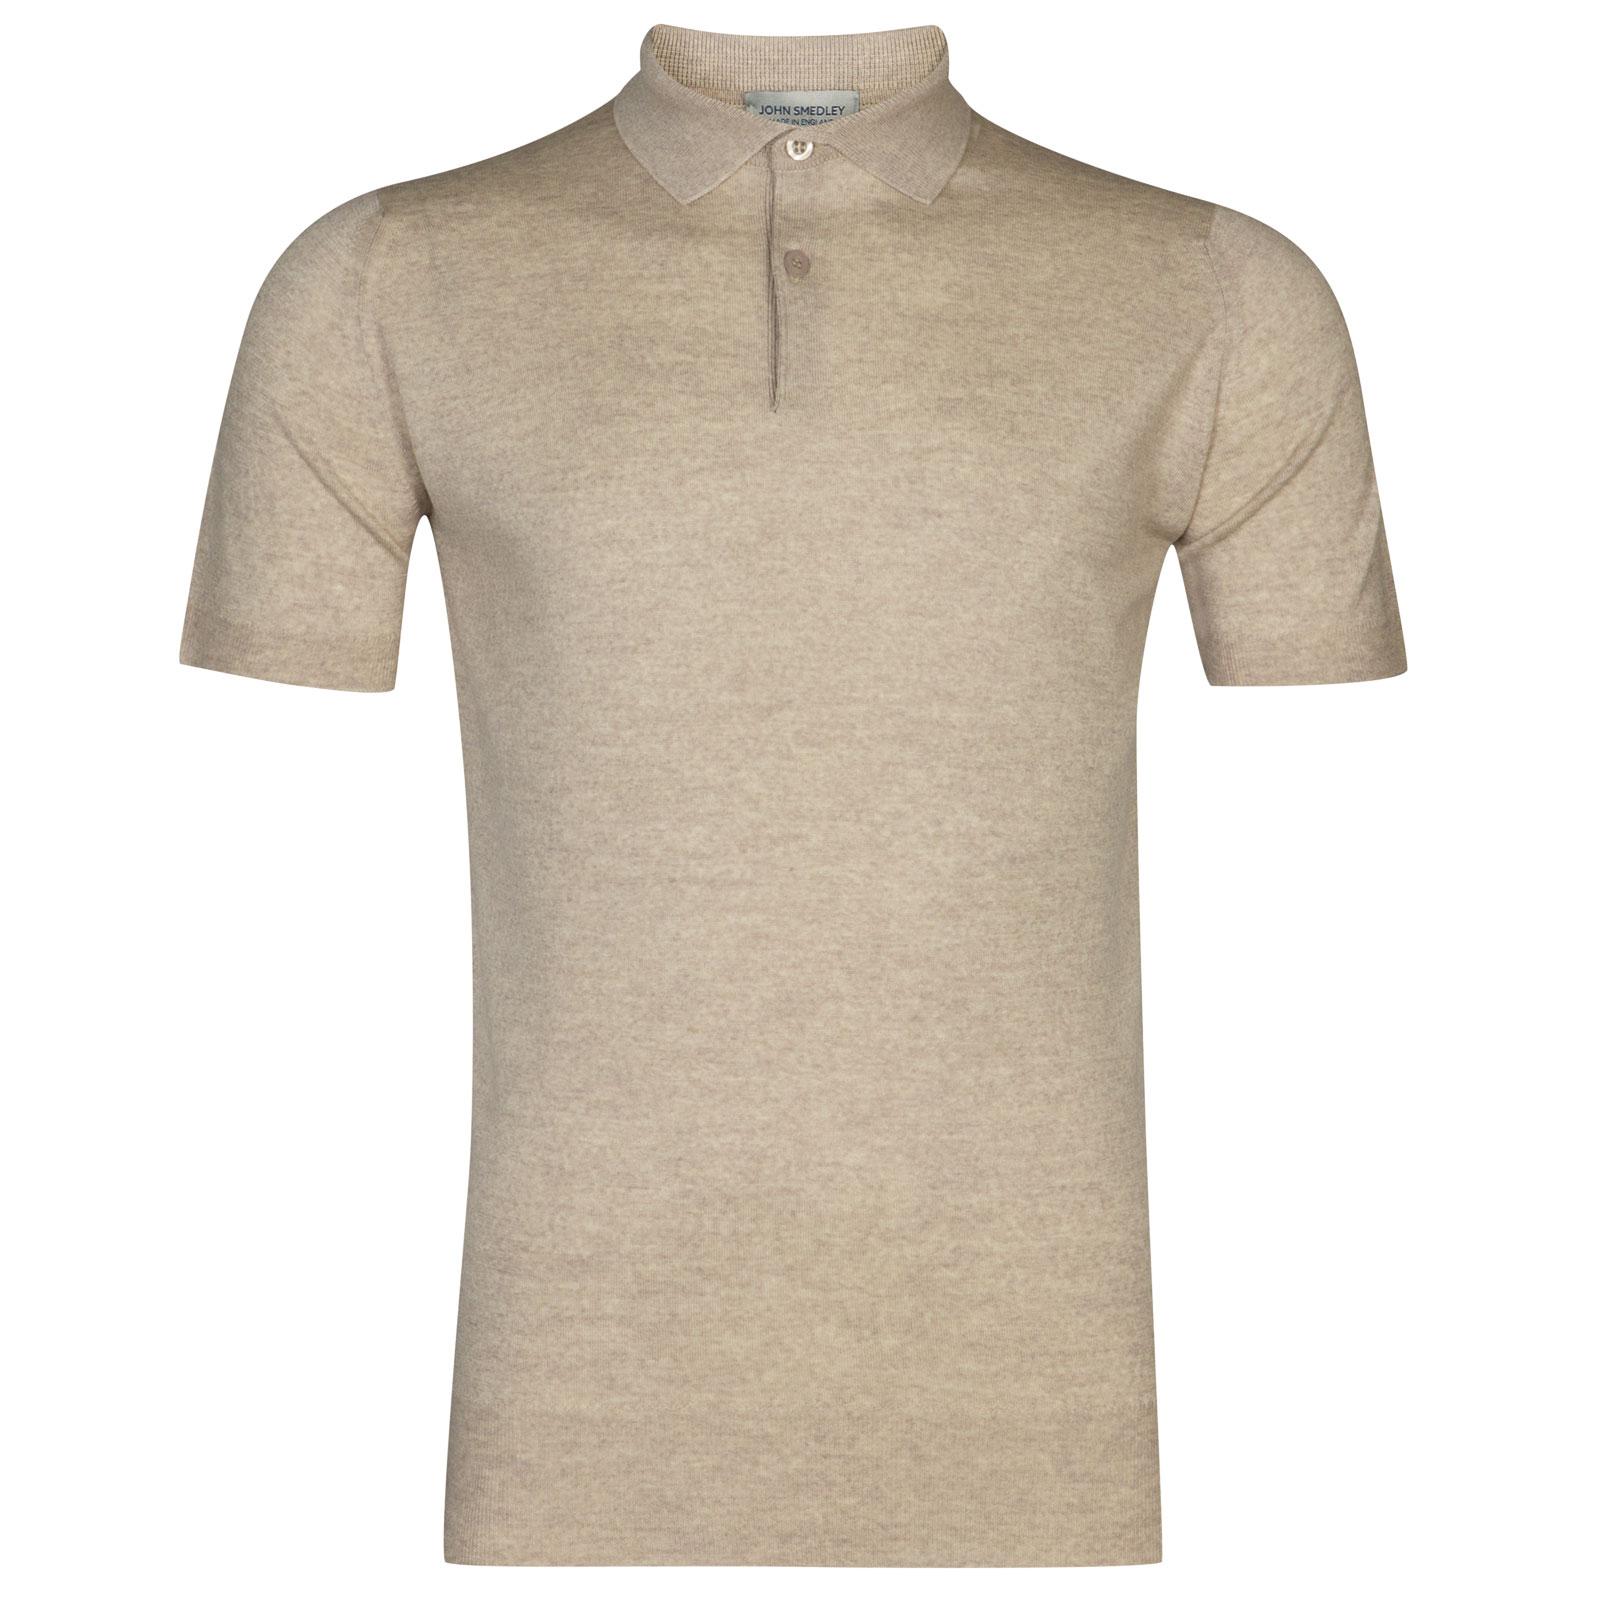 John Smedley Payton Merino Wool Shirt in Eastwood Beige-M